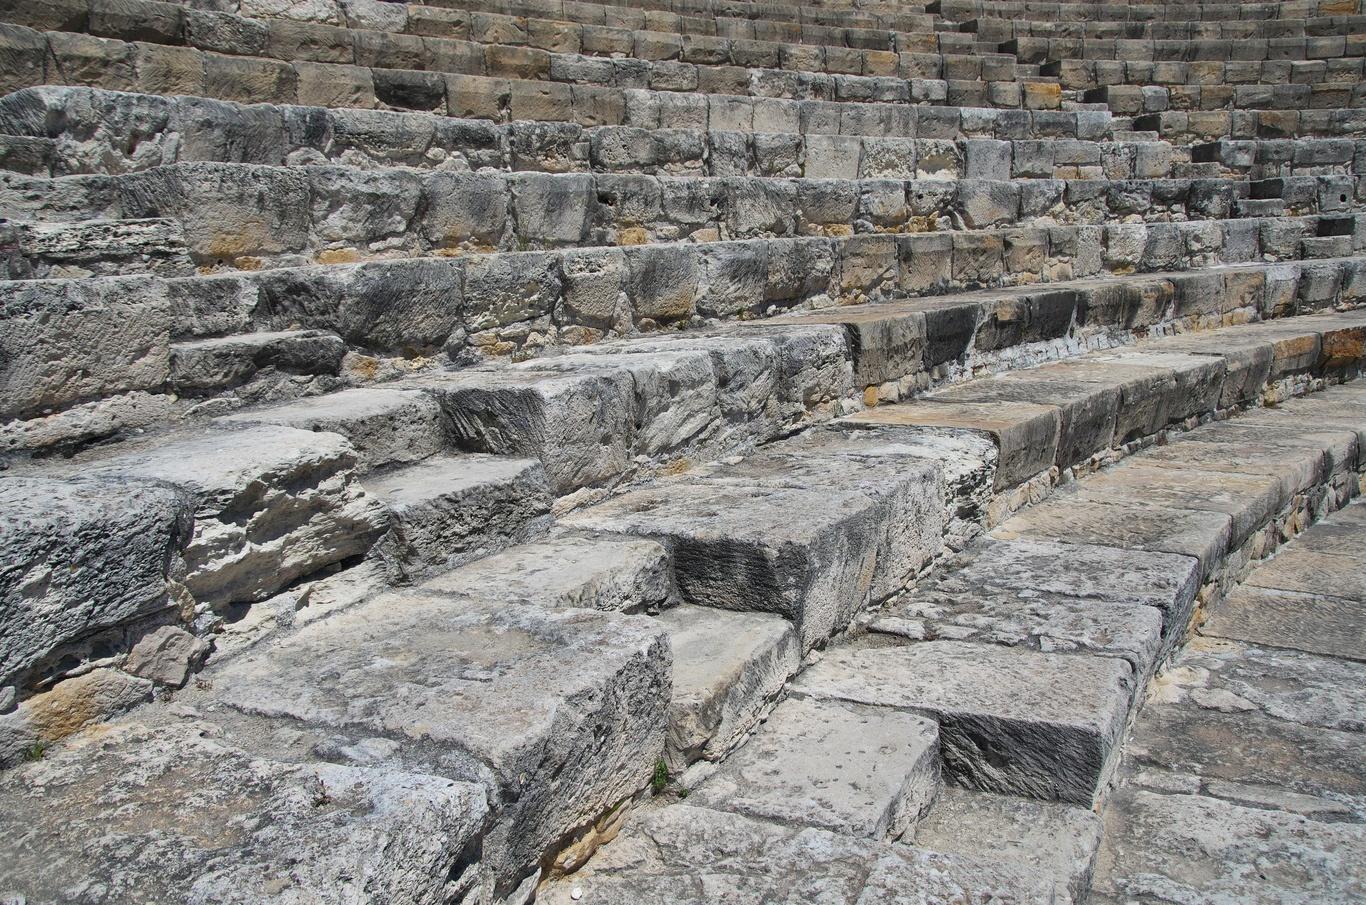 Archeologické naleziště Kourion, antické divadlo